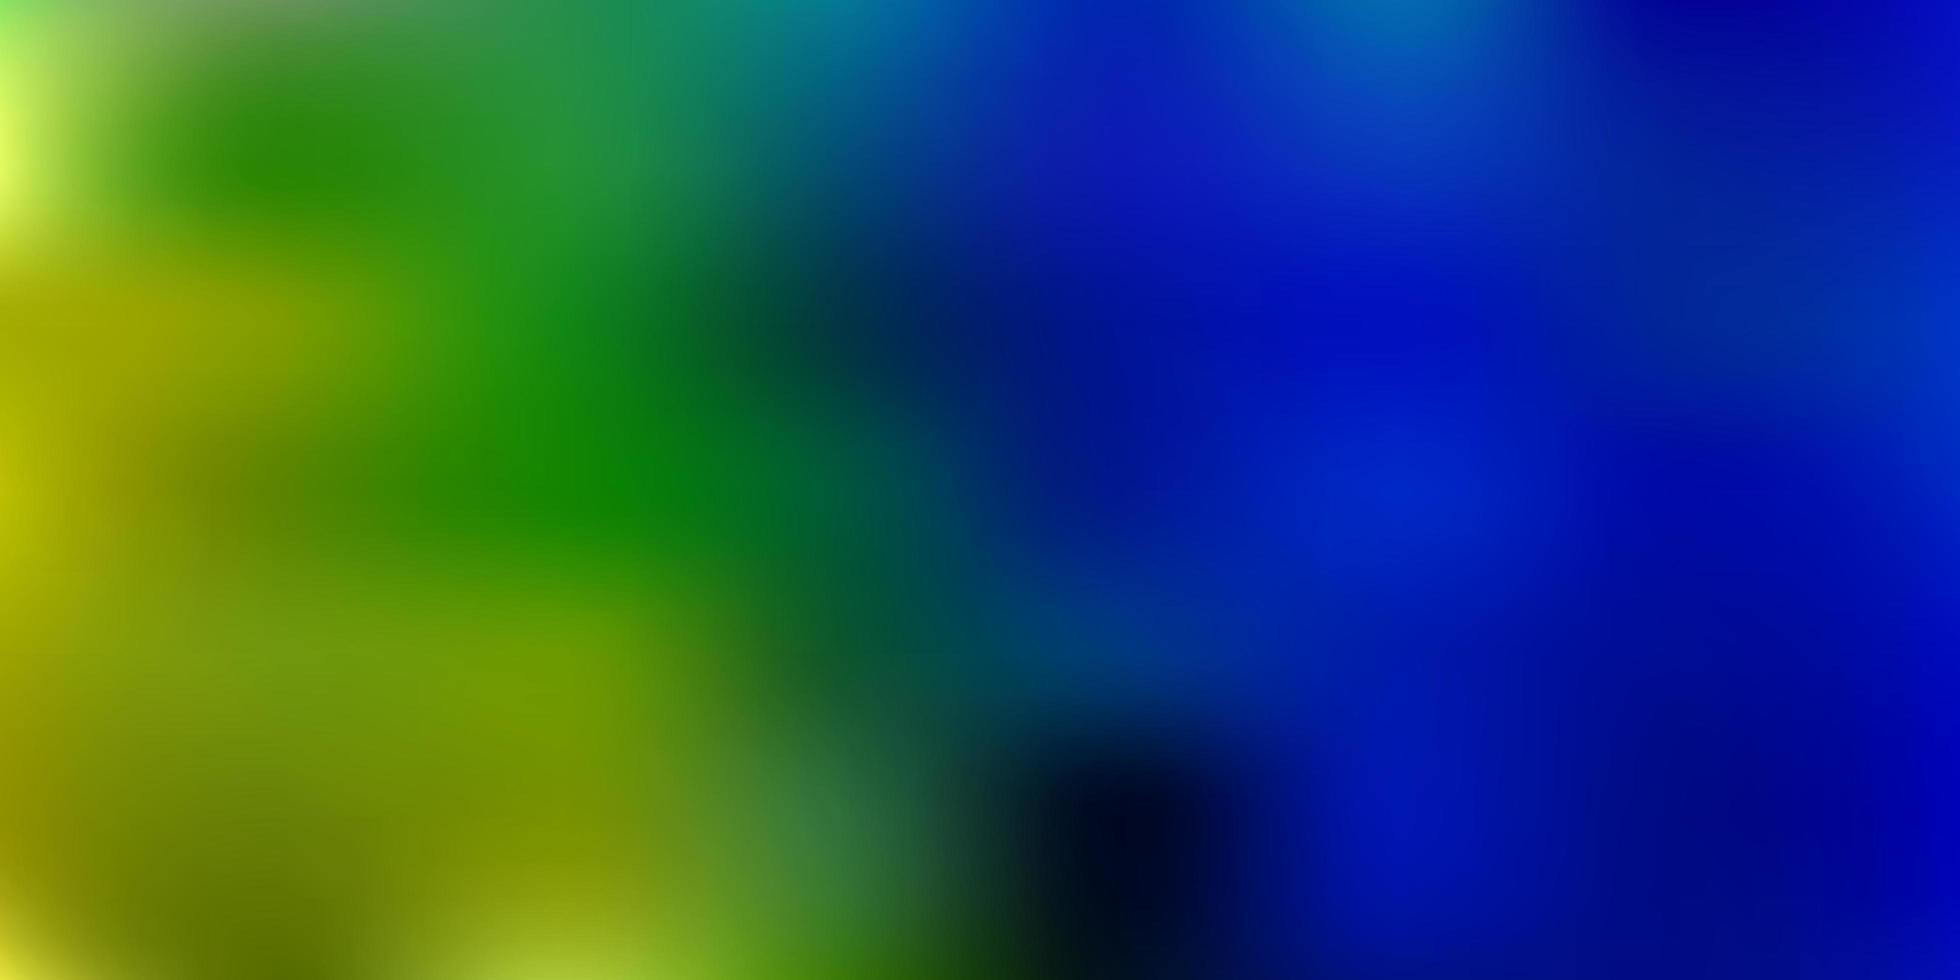 textura de desenfoque degradado vector azul claro, verde.